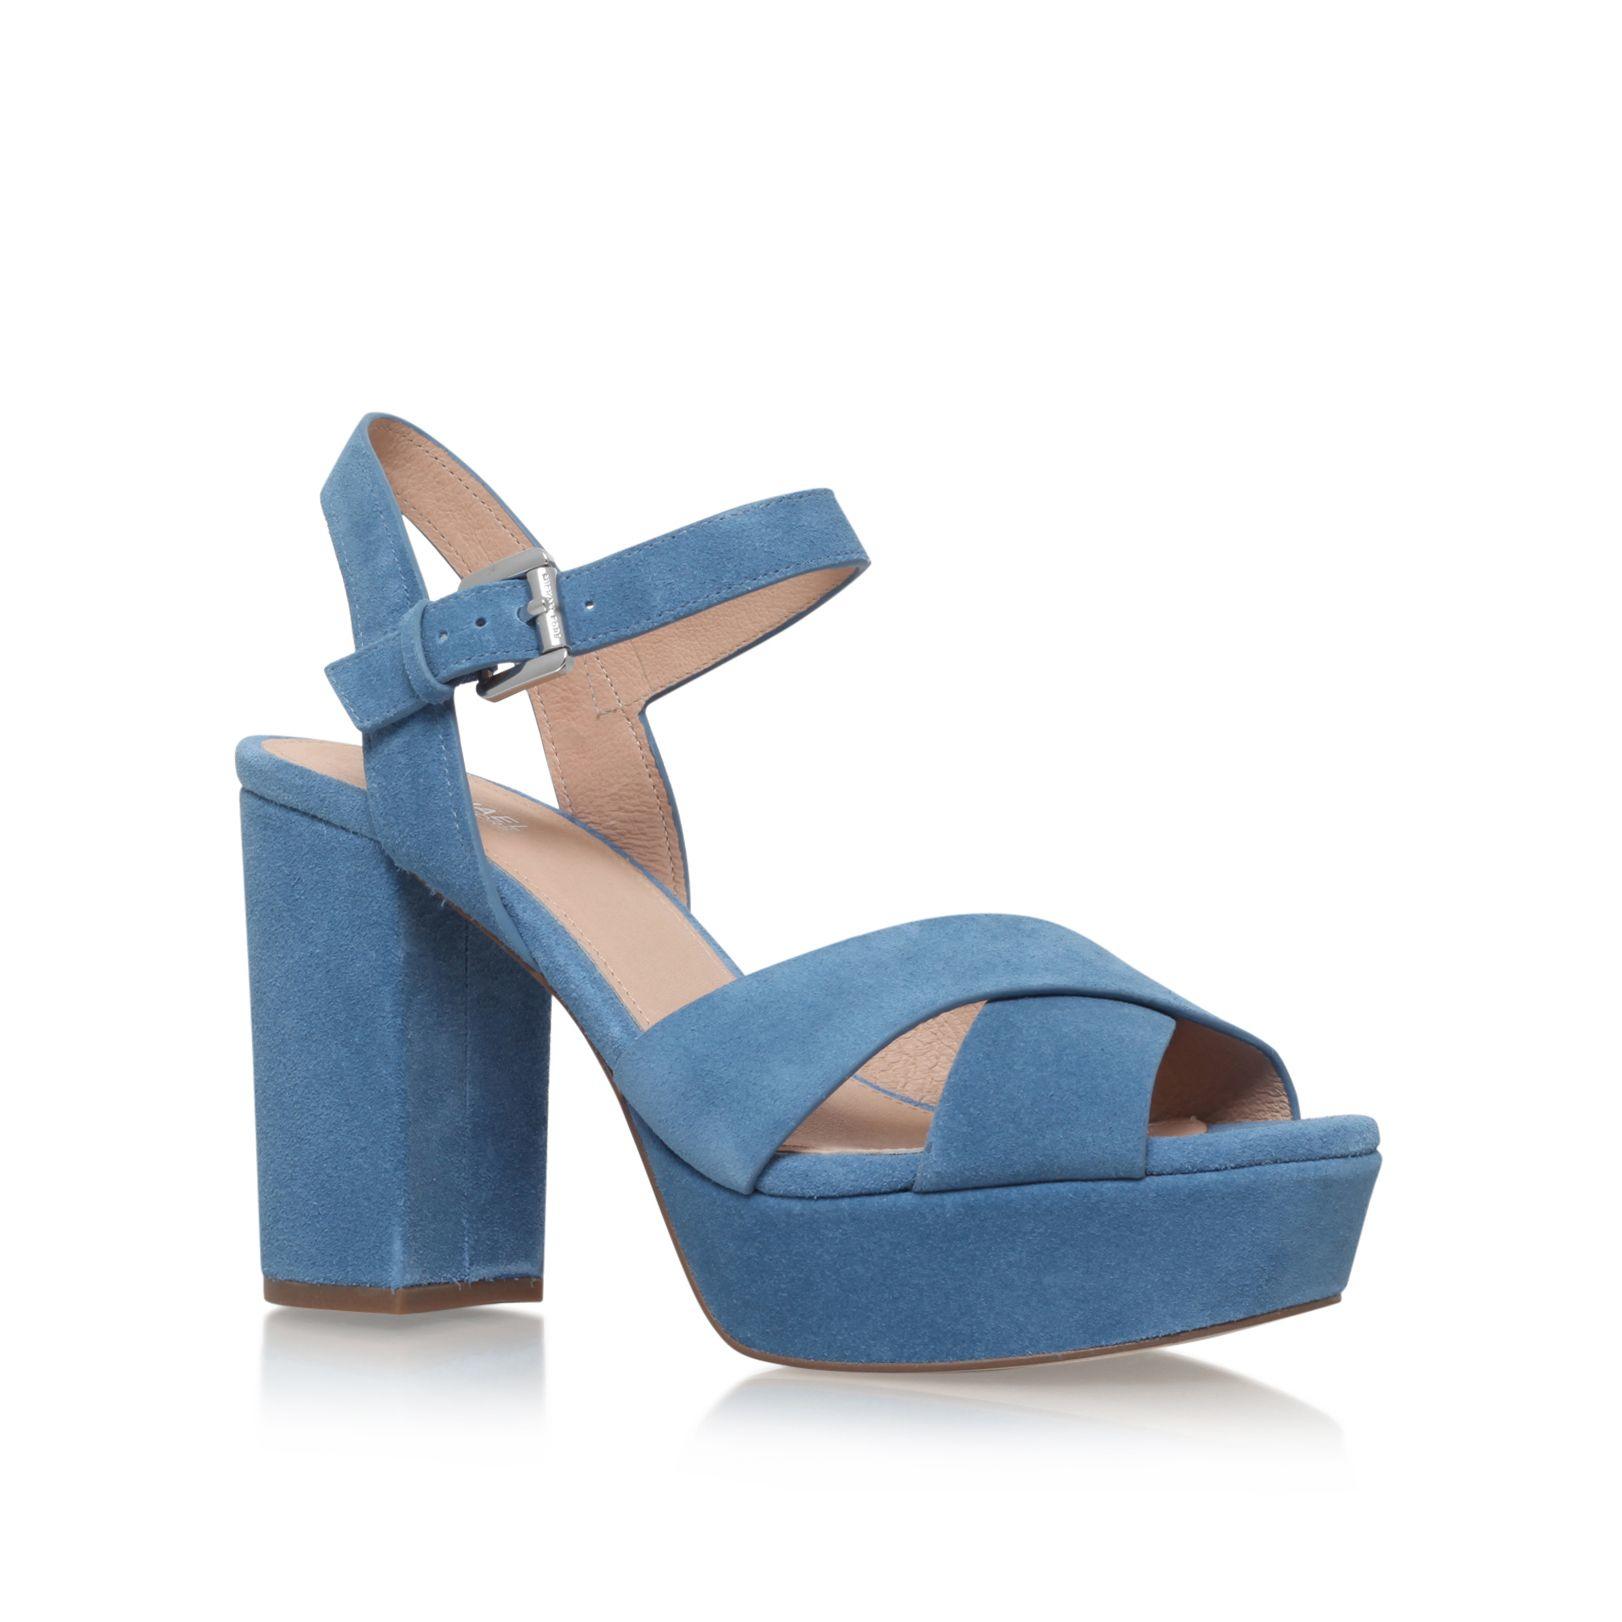 michael kors divia platform high heel sandals in blue lyst. Black Bedroom Furniture Sets. Home Design Ideas